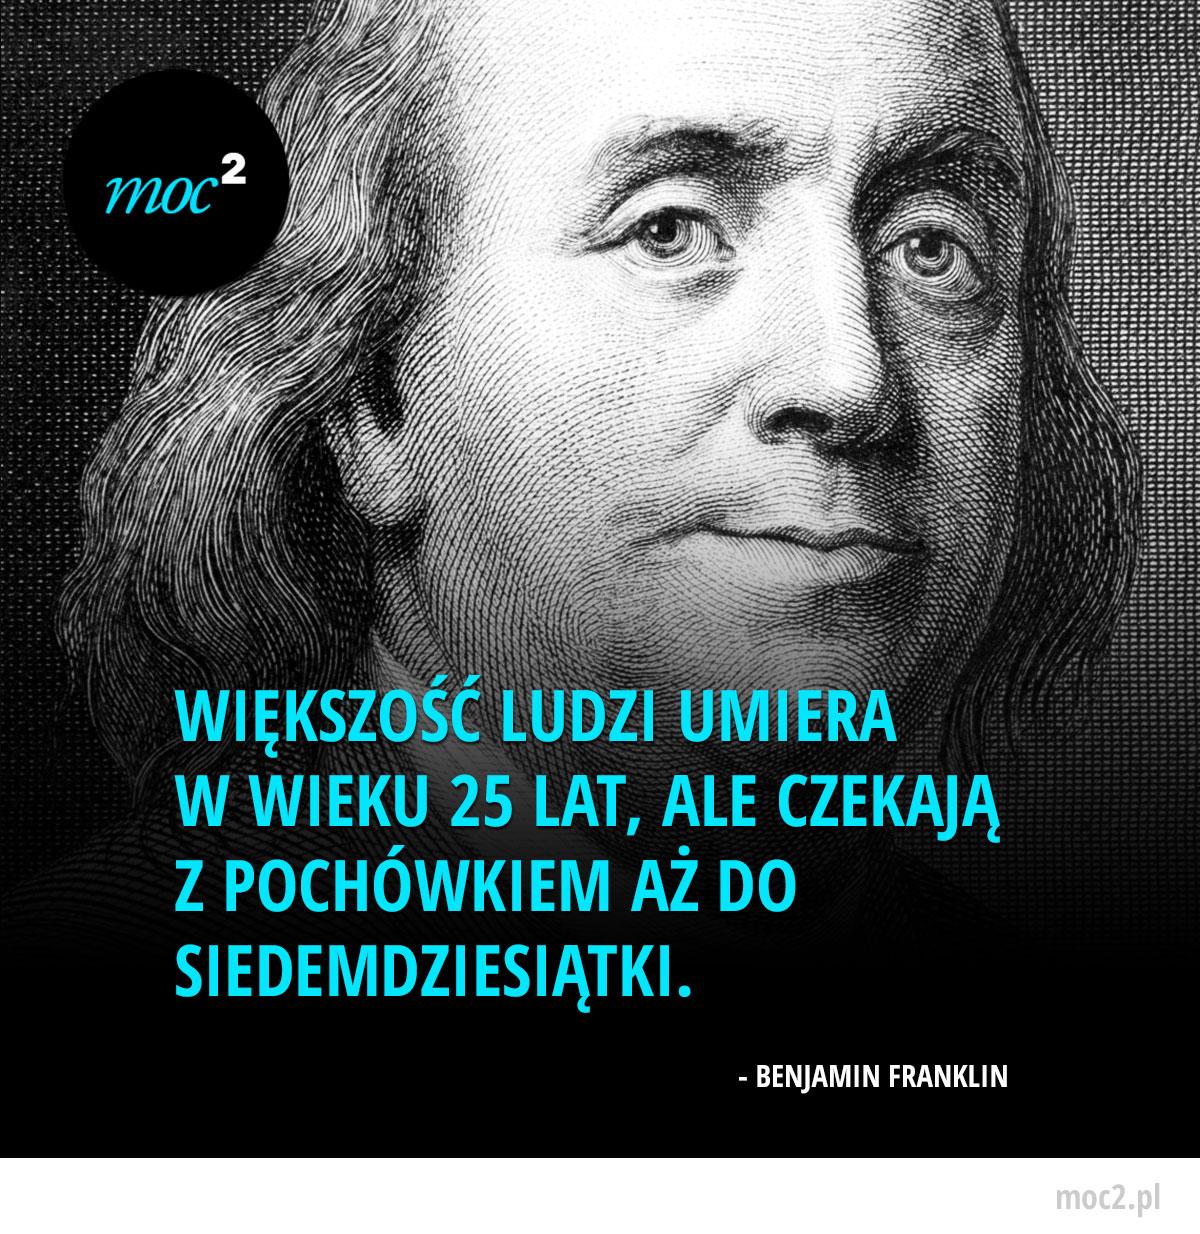 Motywacja - Większość ludzi umiera w wieku 25 lat, ale czekają z pochówkiem aż do siedemdziesiątki. - Benjamin Franklin